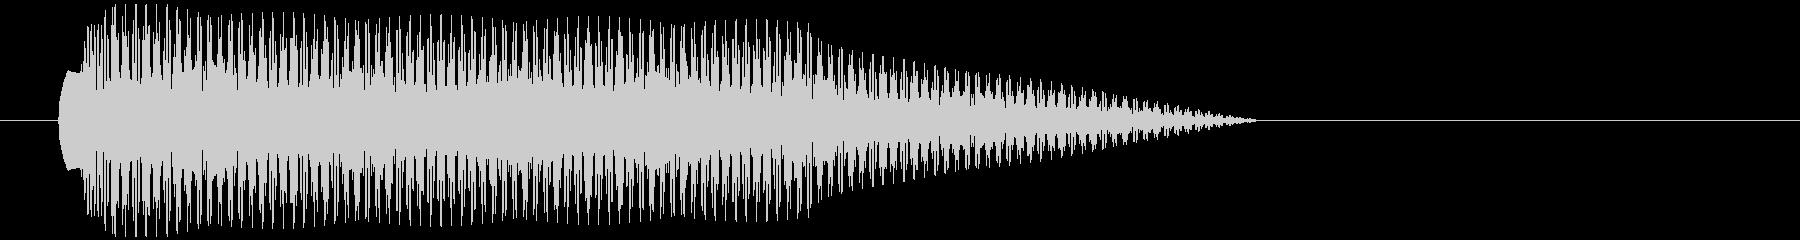 【SE/ボタン】アプリ音 タラーの未再生の波形